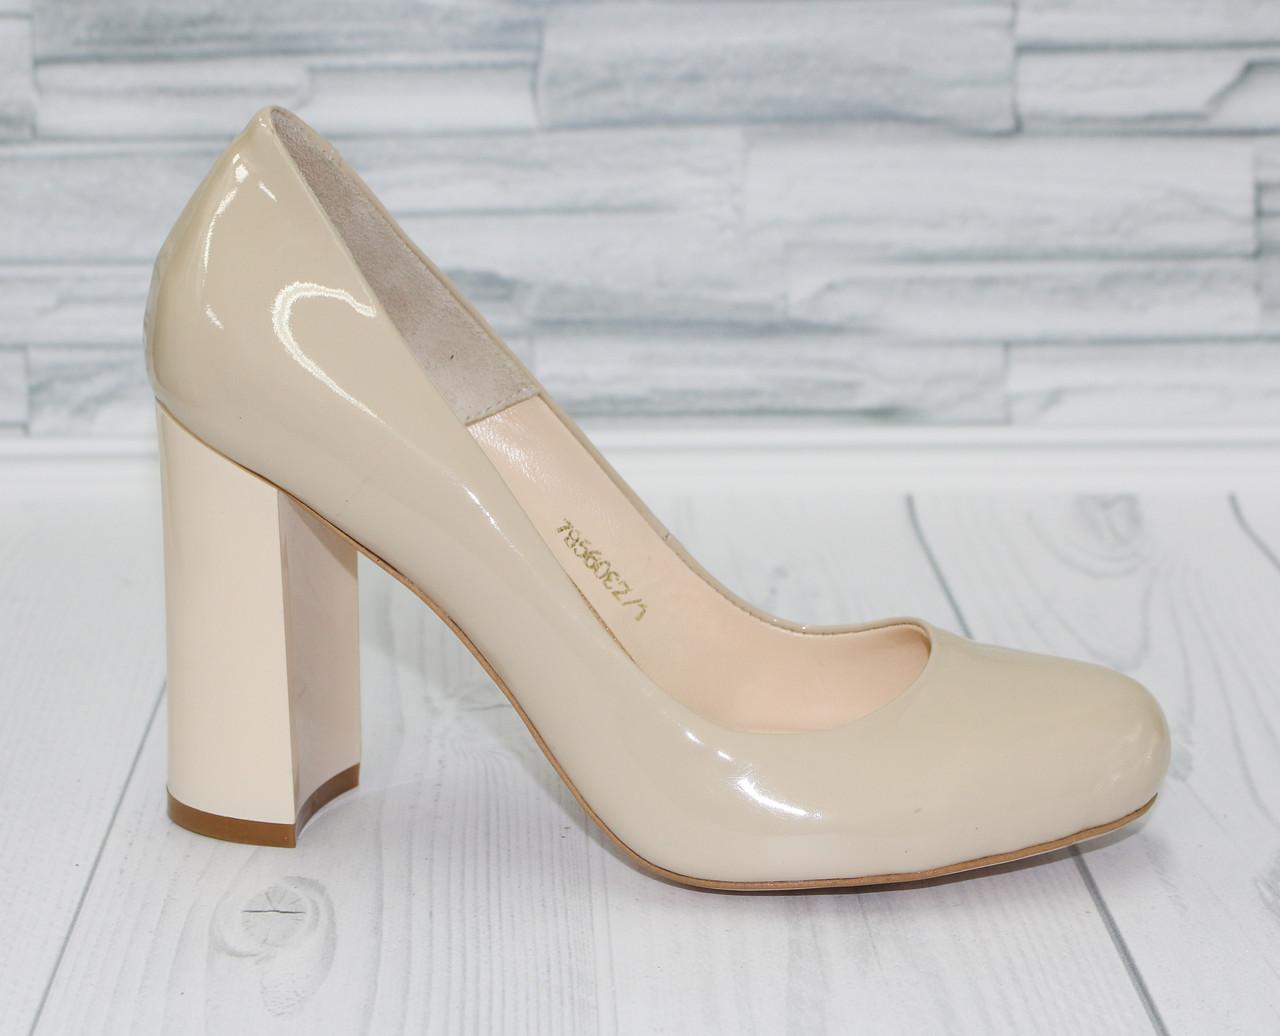 b2e7cf9c7504 Стильные туфли-лодочки.Устойчивый каблук. Натуральная кожа. 1564